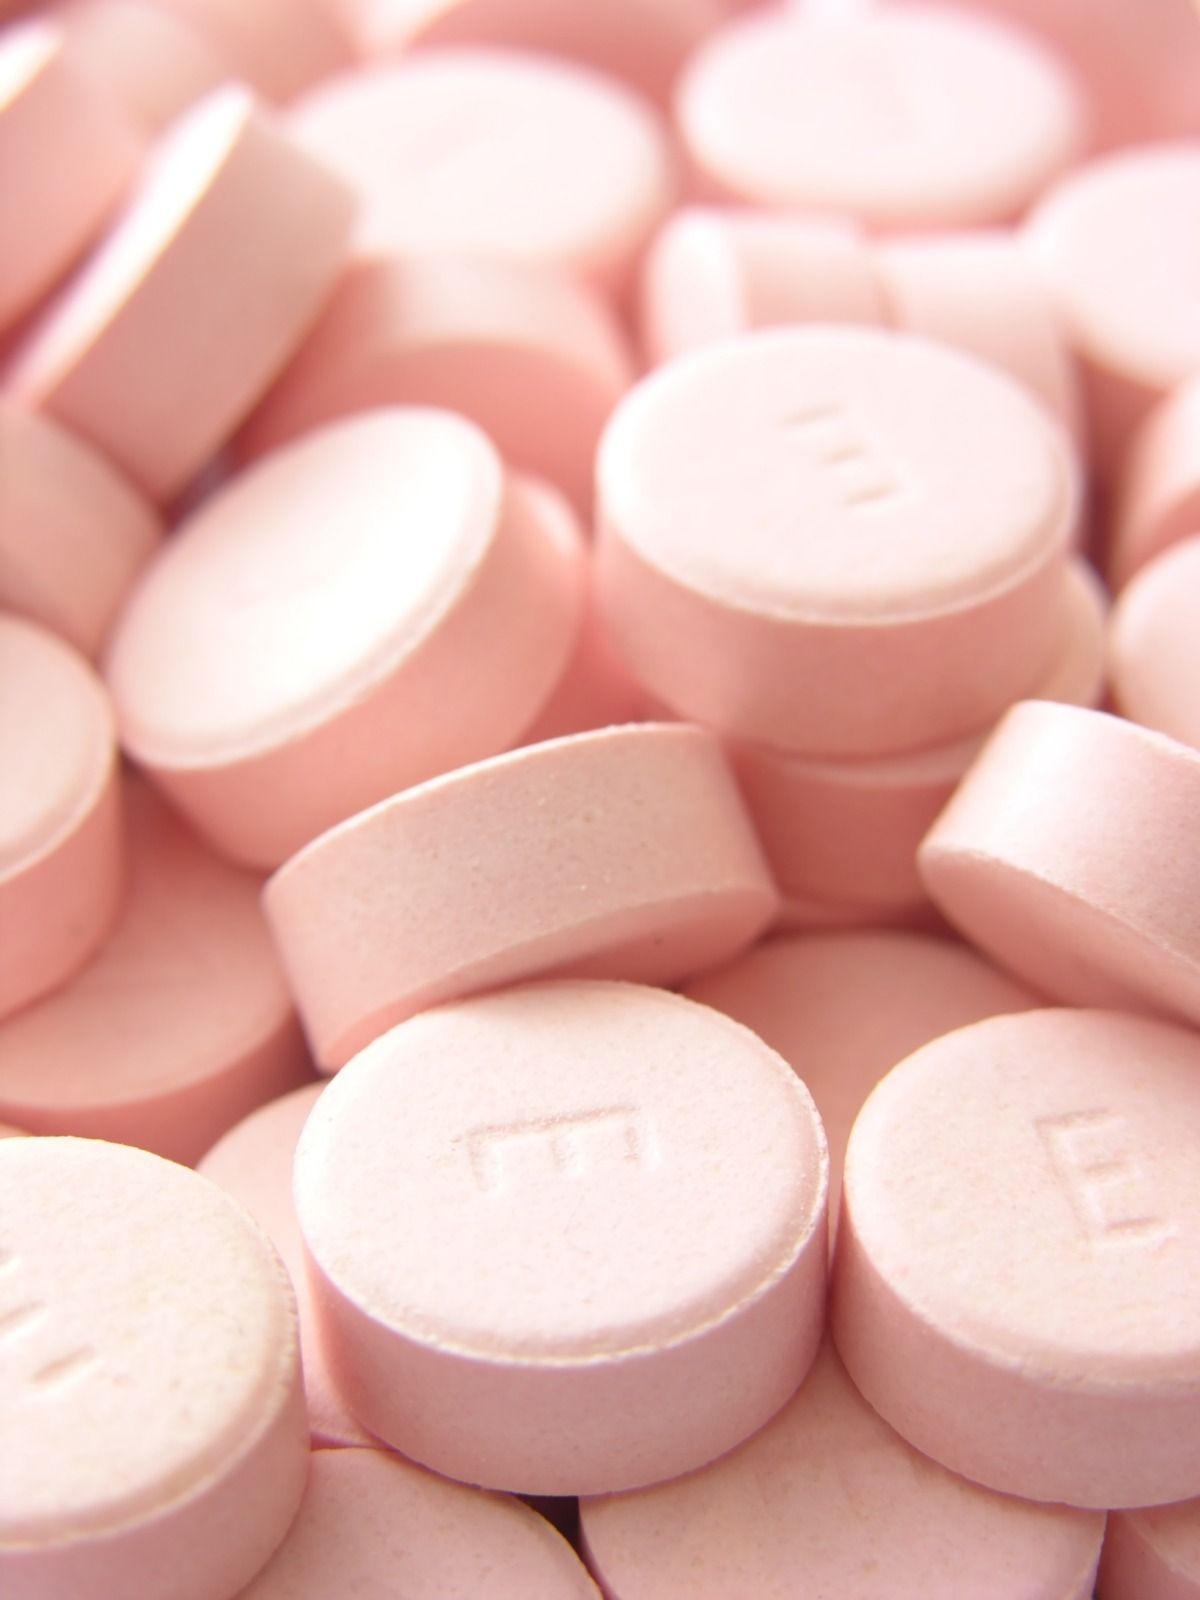 Esiste una pillola per salvare un matrimonio in crisi. La prendereste?